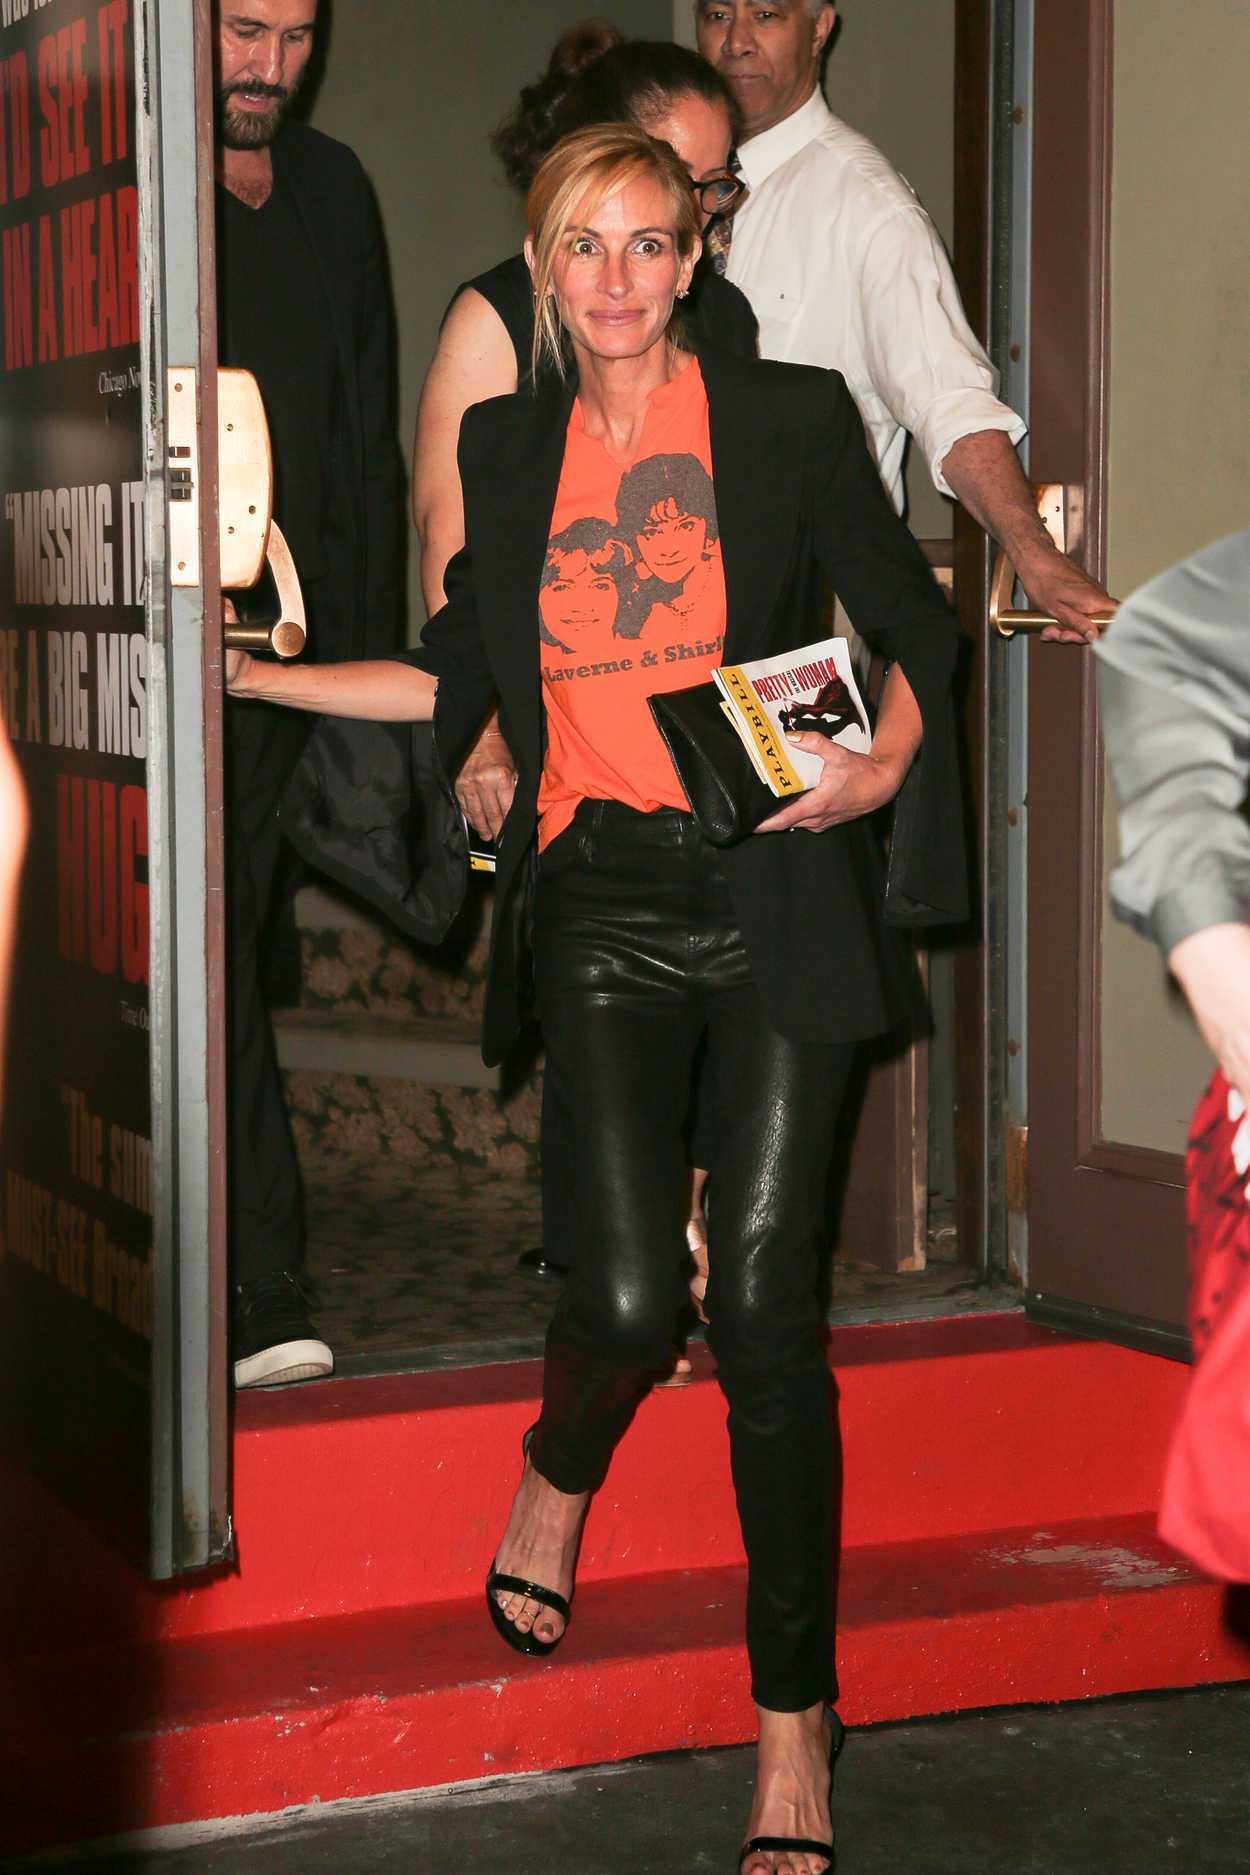 影后茱莉亞羅勃茲以黑色皮褲搭配橘色T恤、黑外套,輕鬆造型前往欣賞改編成百老匯歌舞...